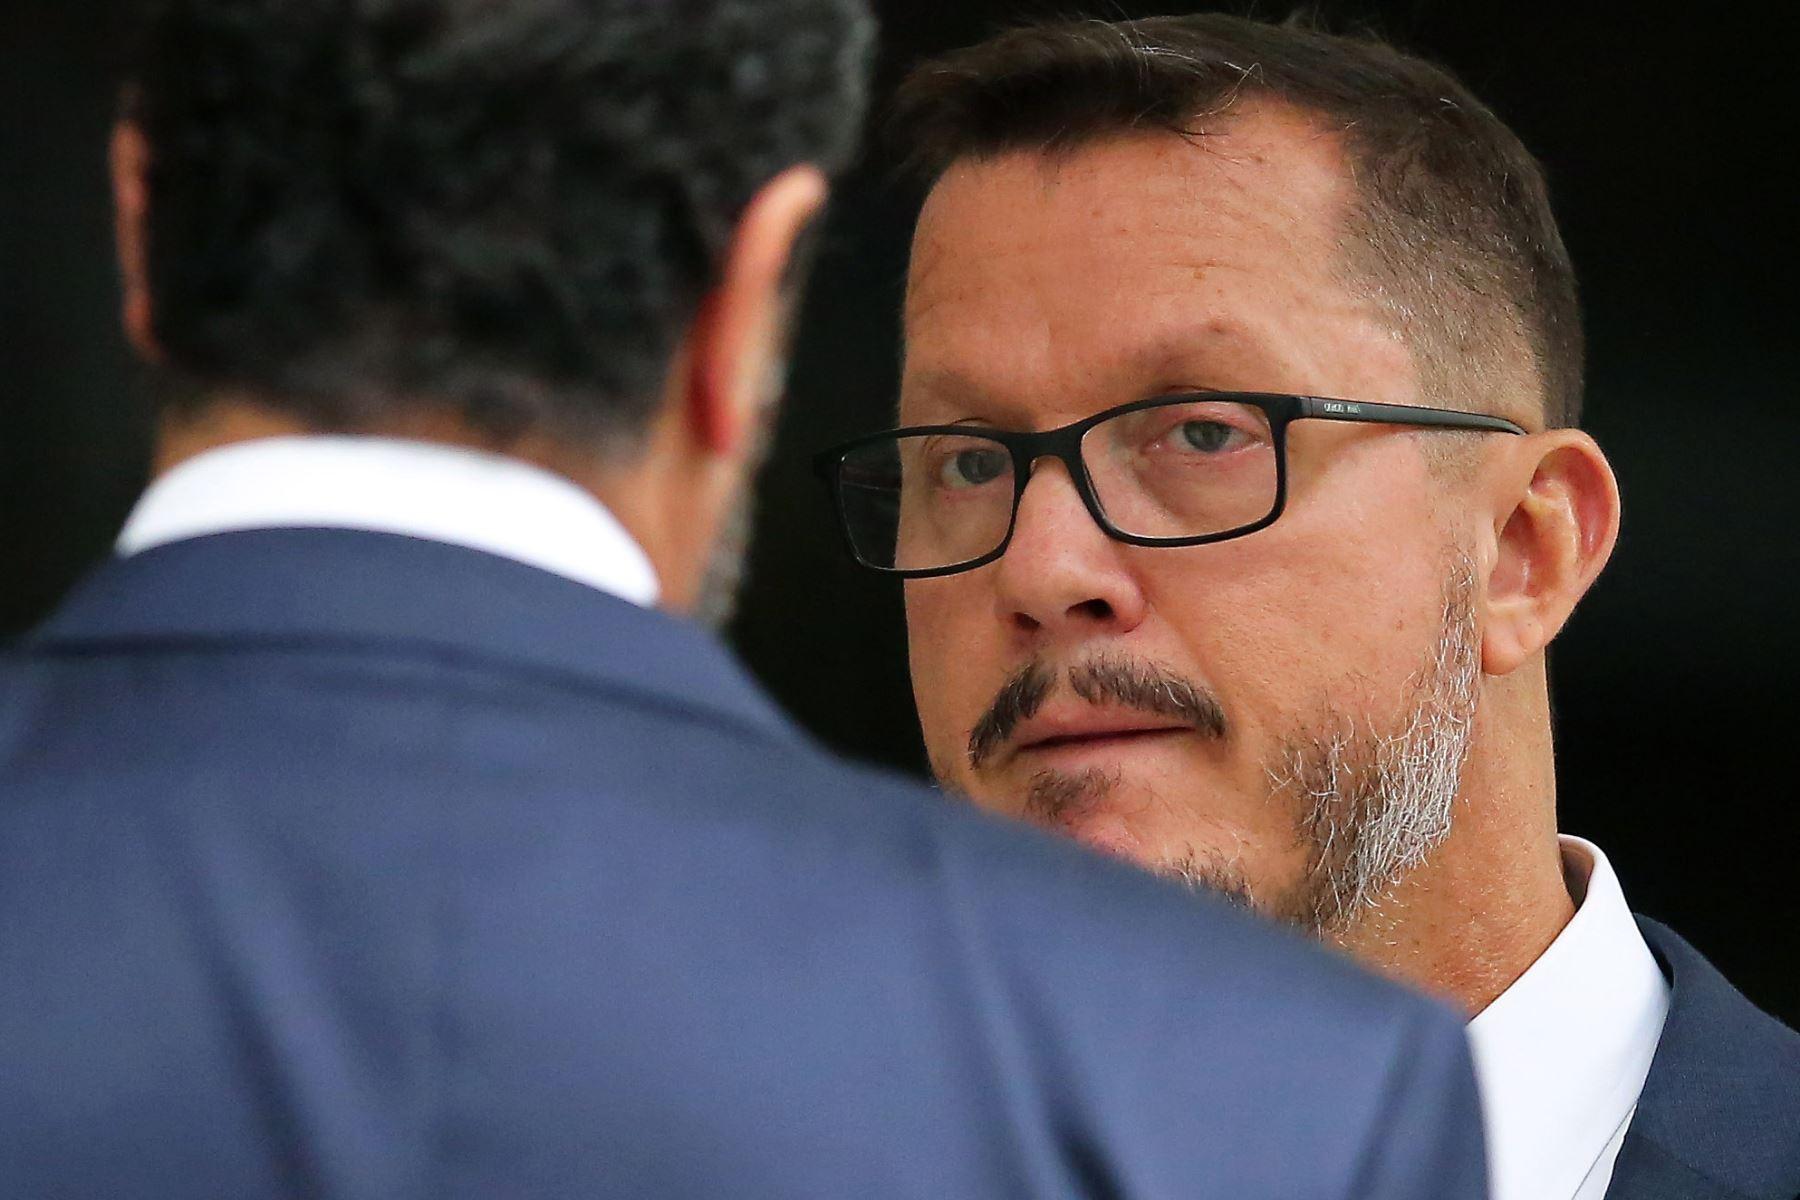 El ex jefe de Odebrecht en Perú, Jorge Barata, abandona un hotel y se dirige al Ministerio Público Federal en Curitiba, Brasil. Foto: AFP